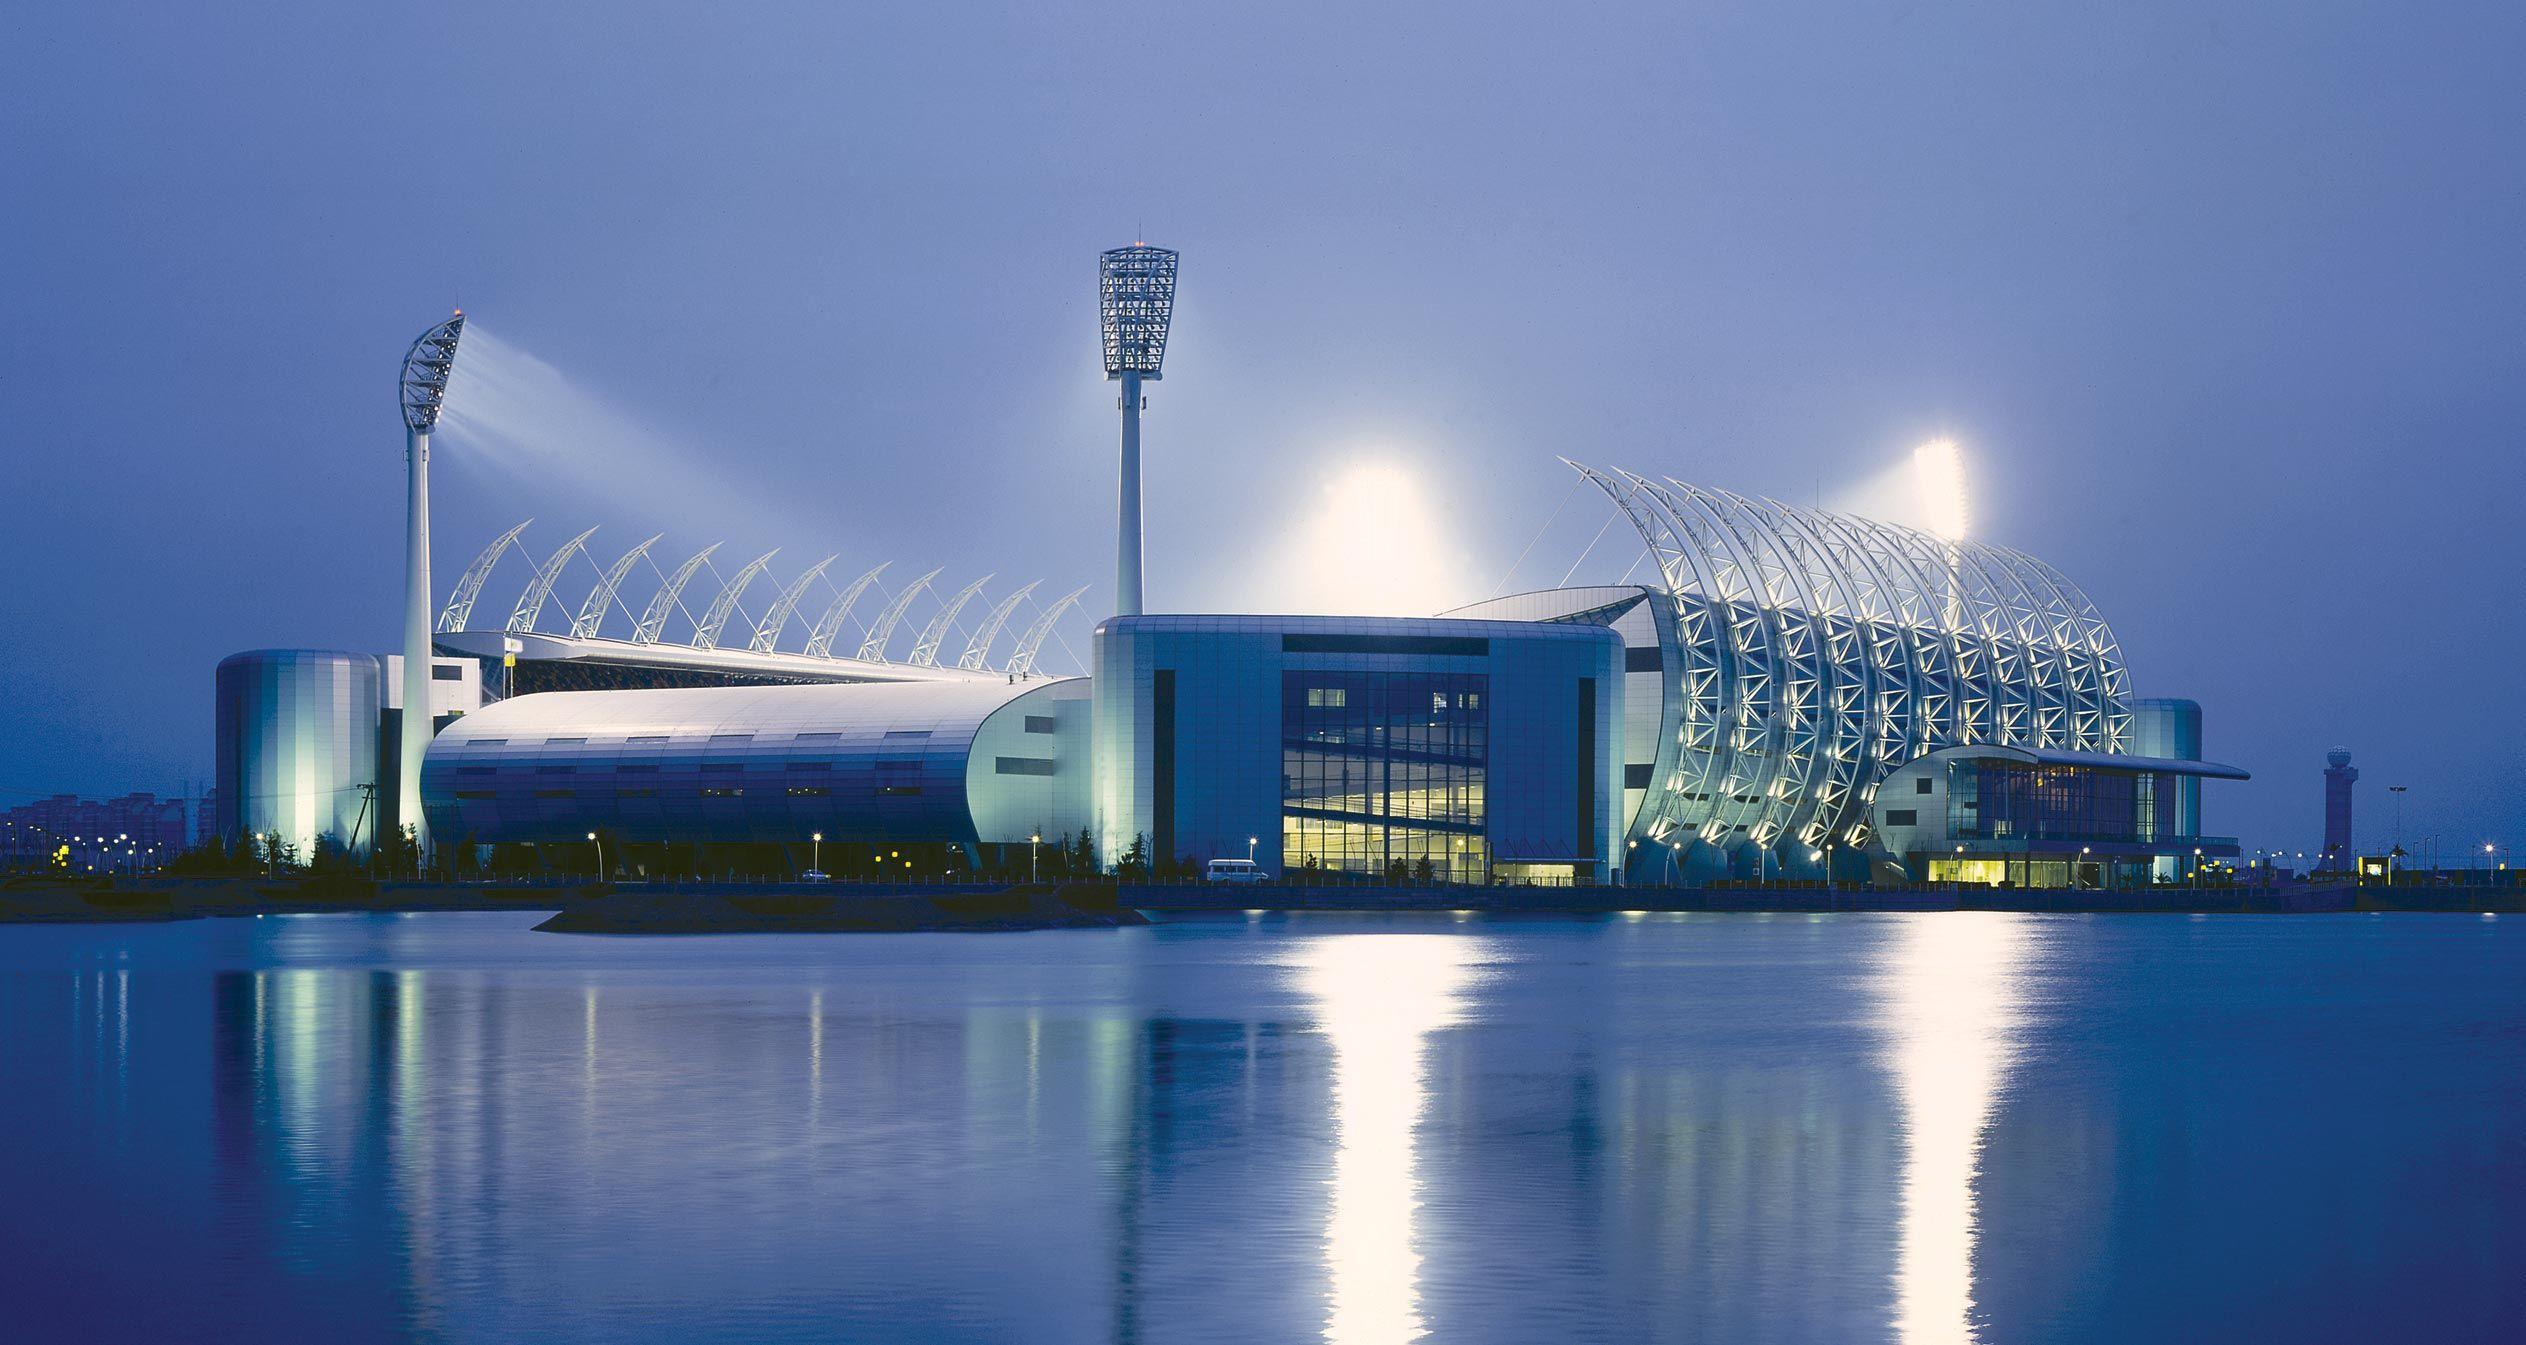 Teda Stadium